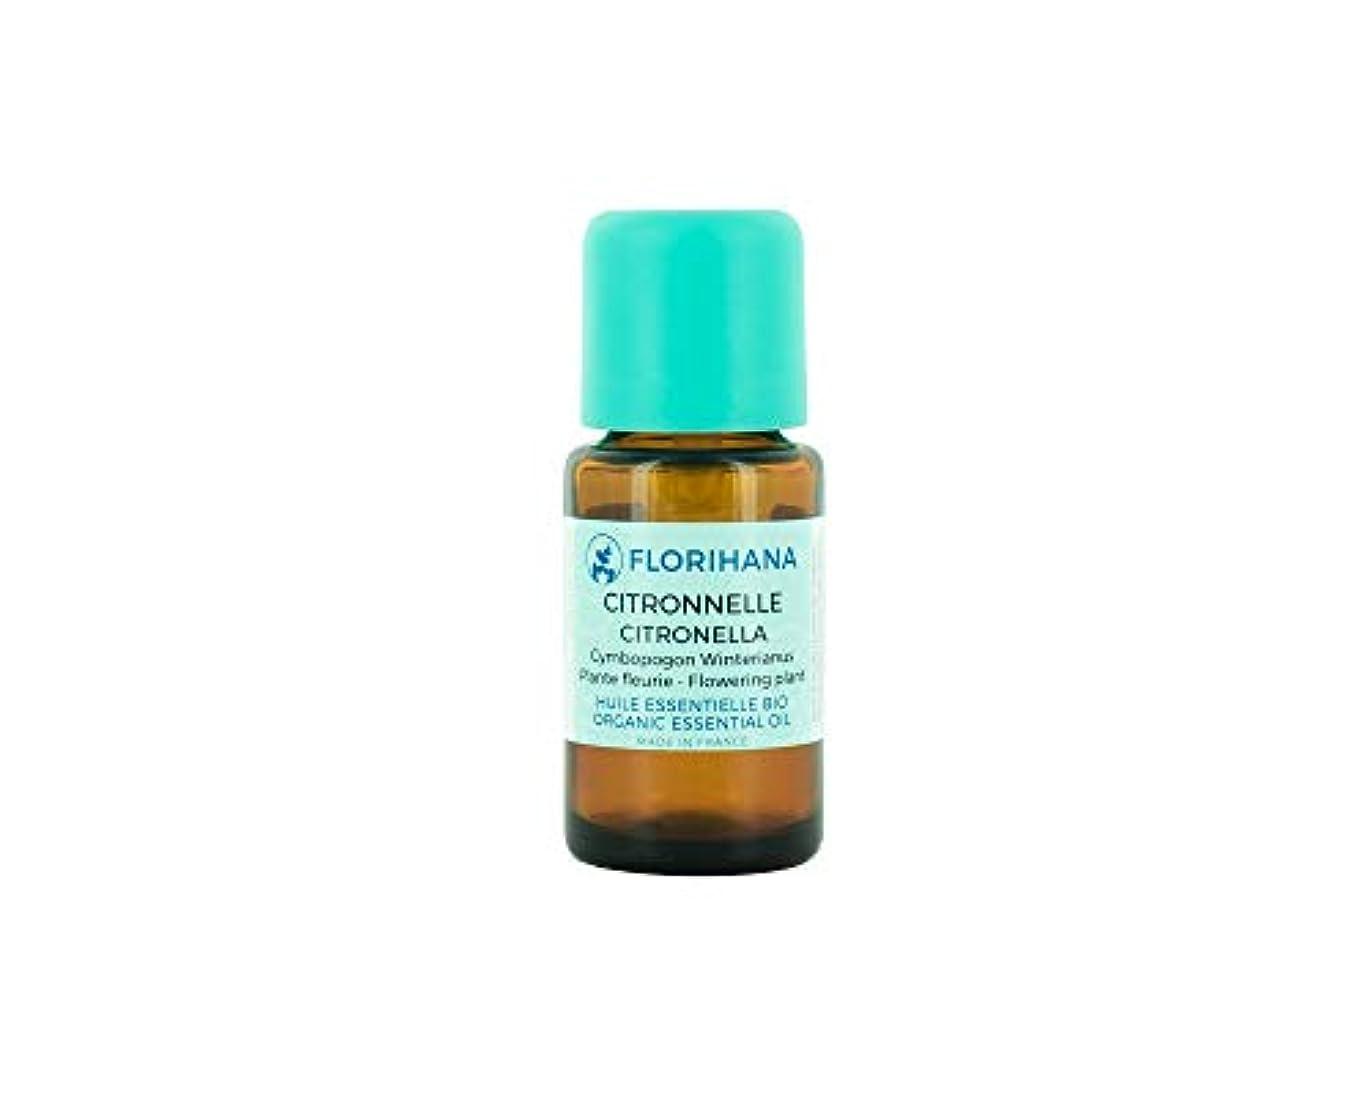 食欲同化透けるオーガニック エッセンシャルオイル シトロネラ 5g(5.6ml)